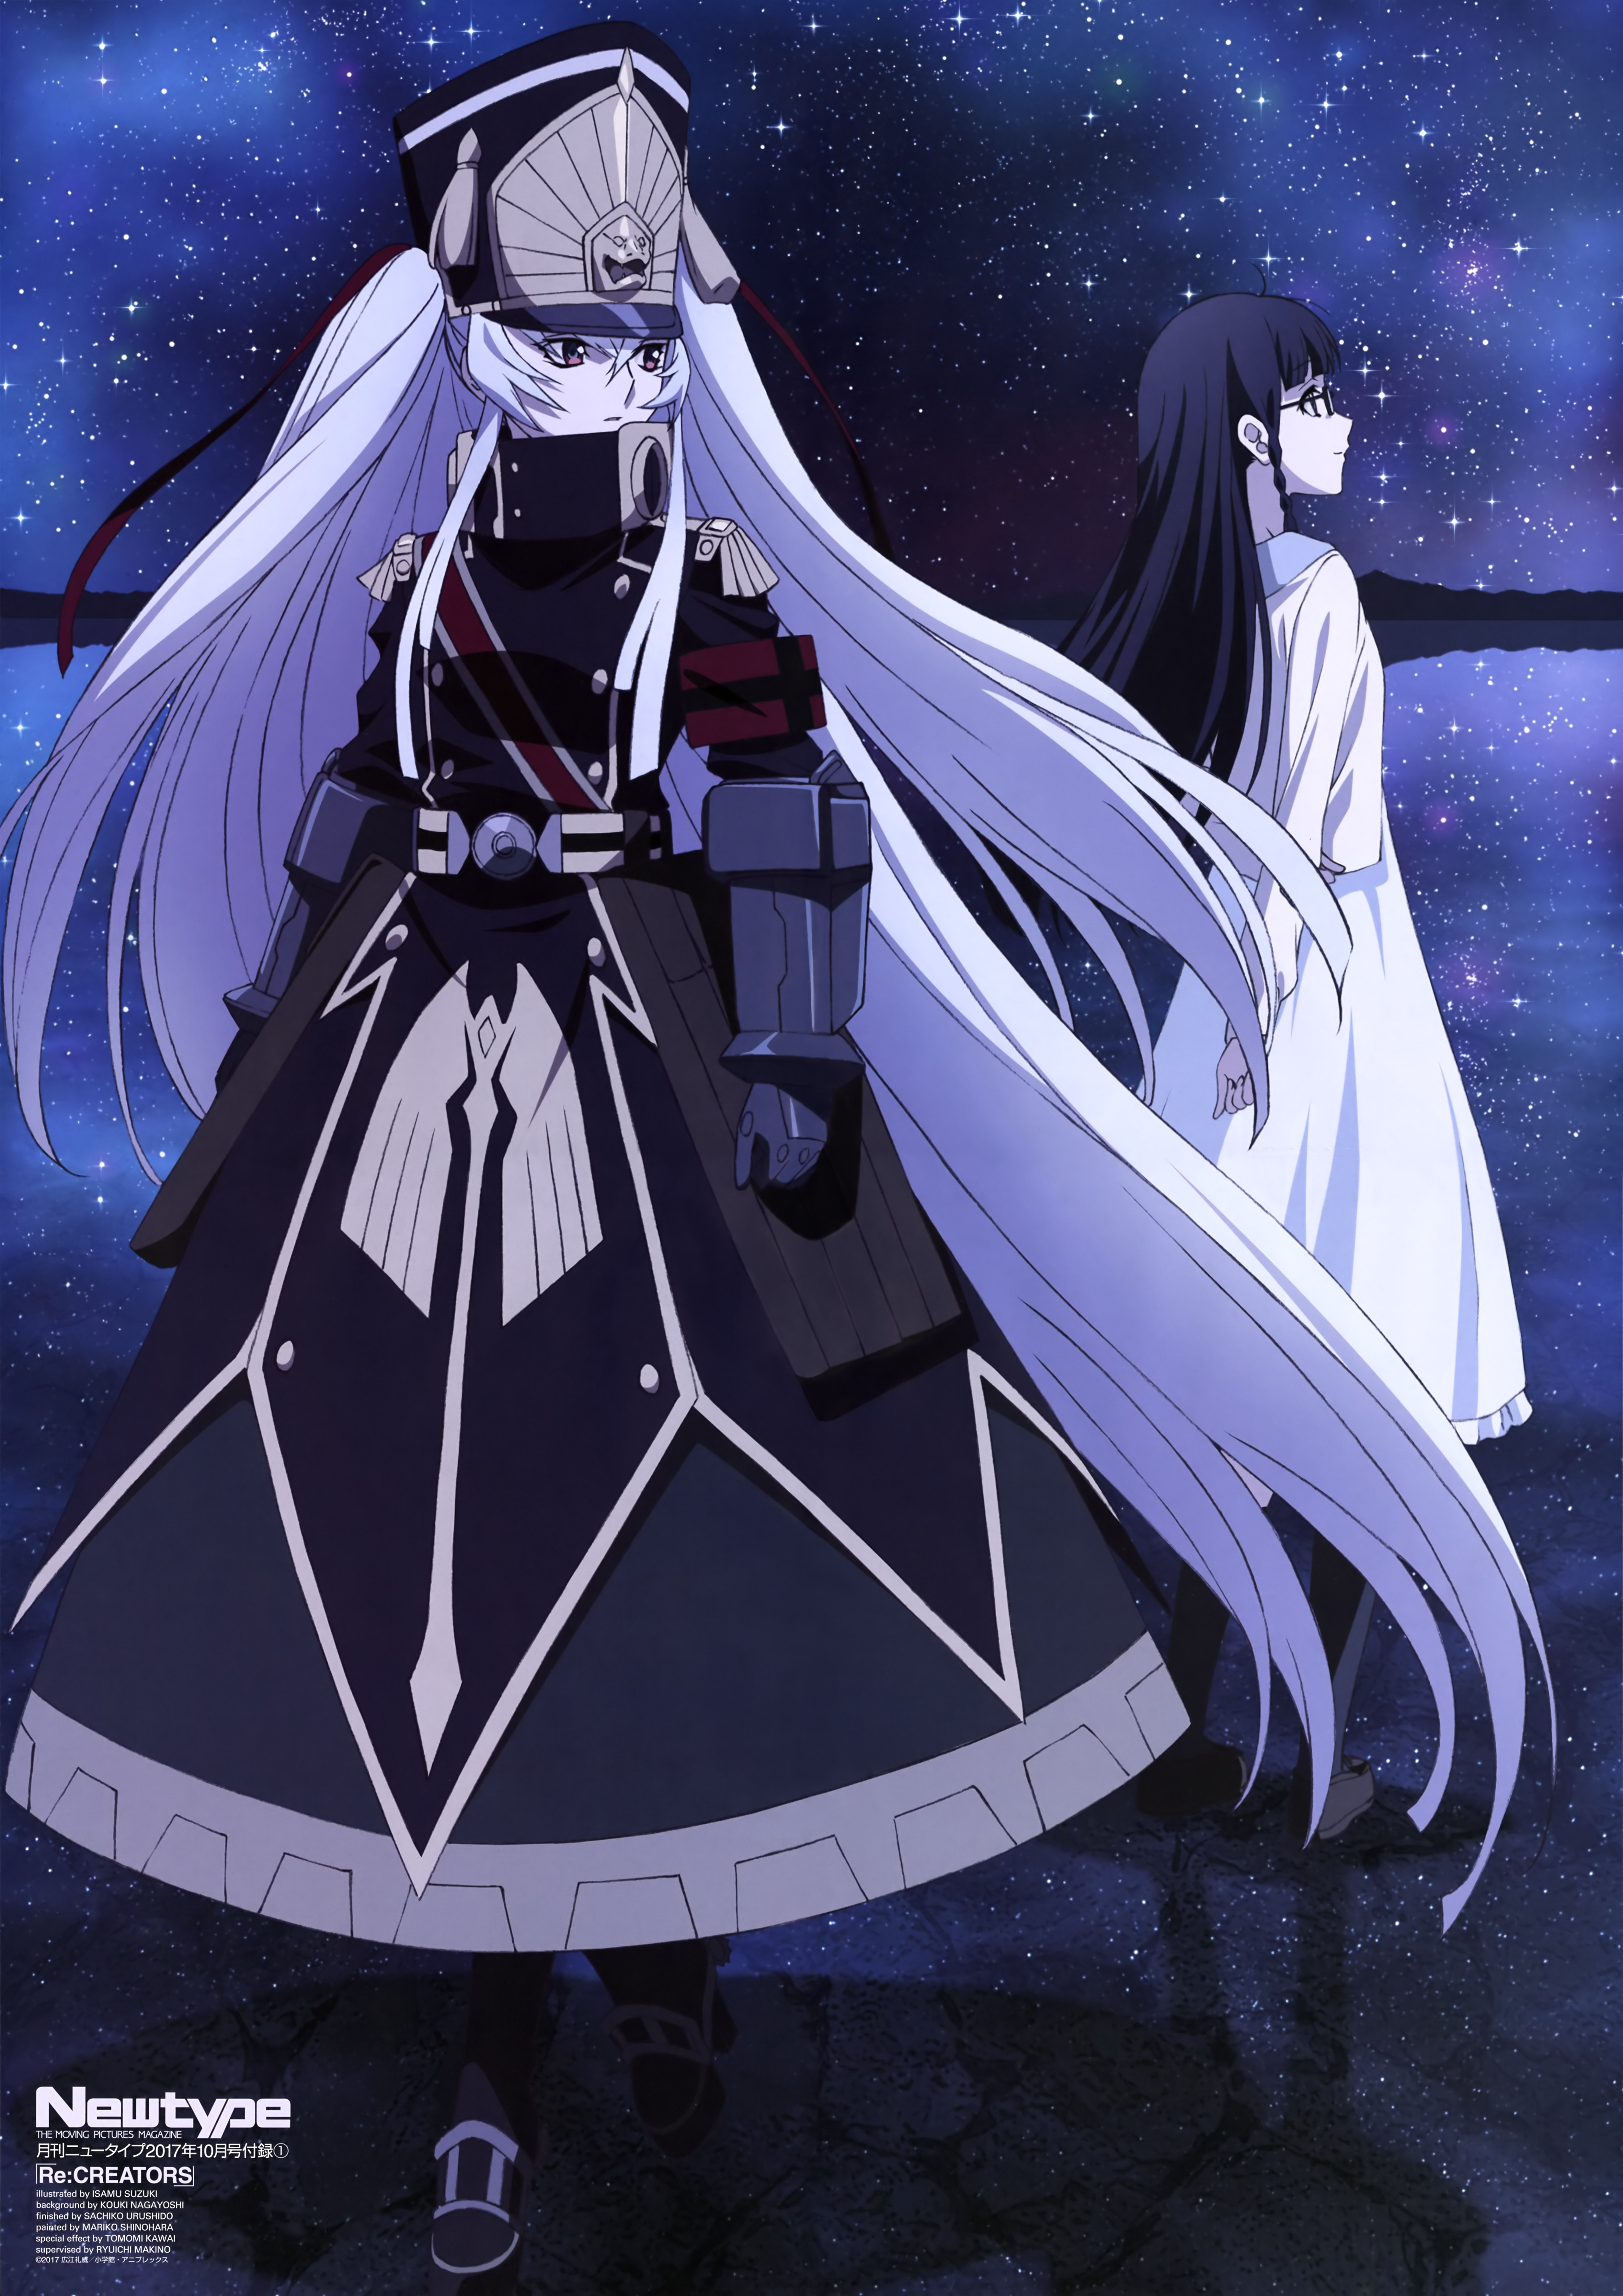 Re:Creators - Zerochan Anime Image Board